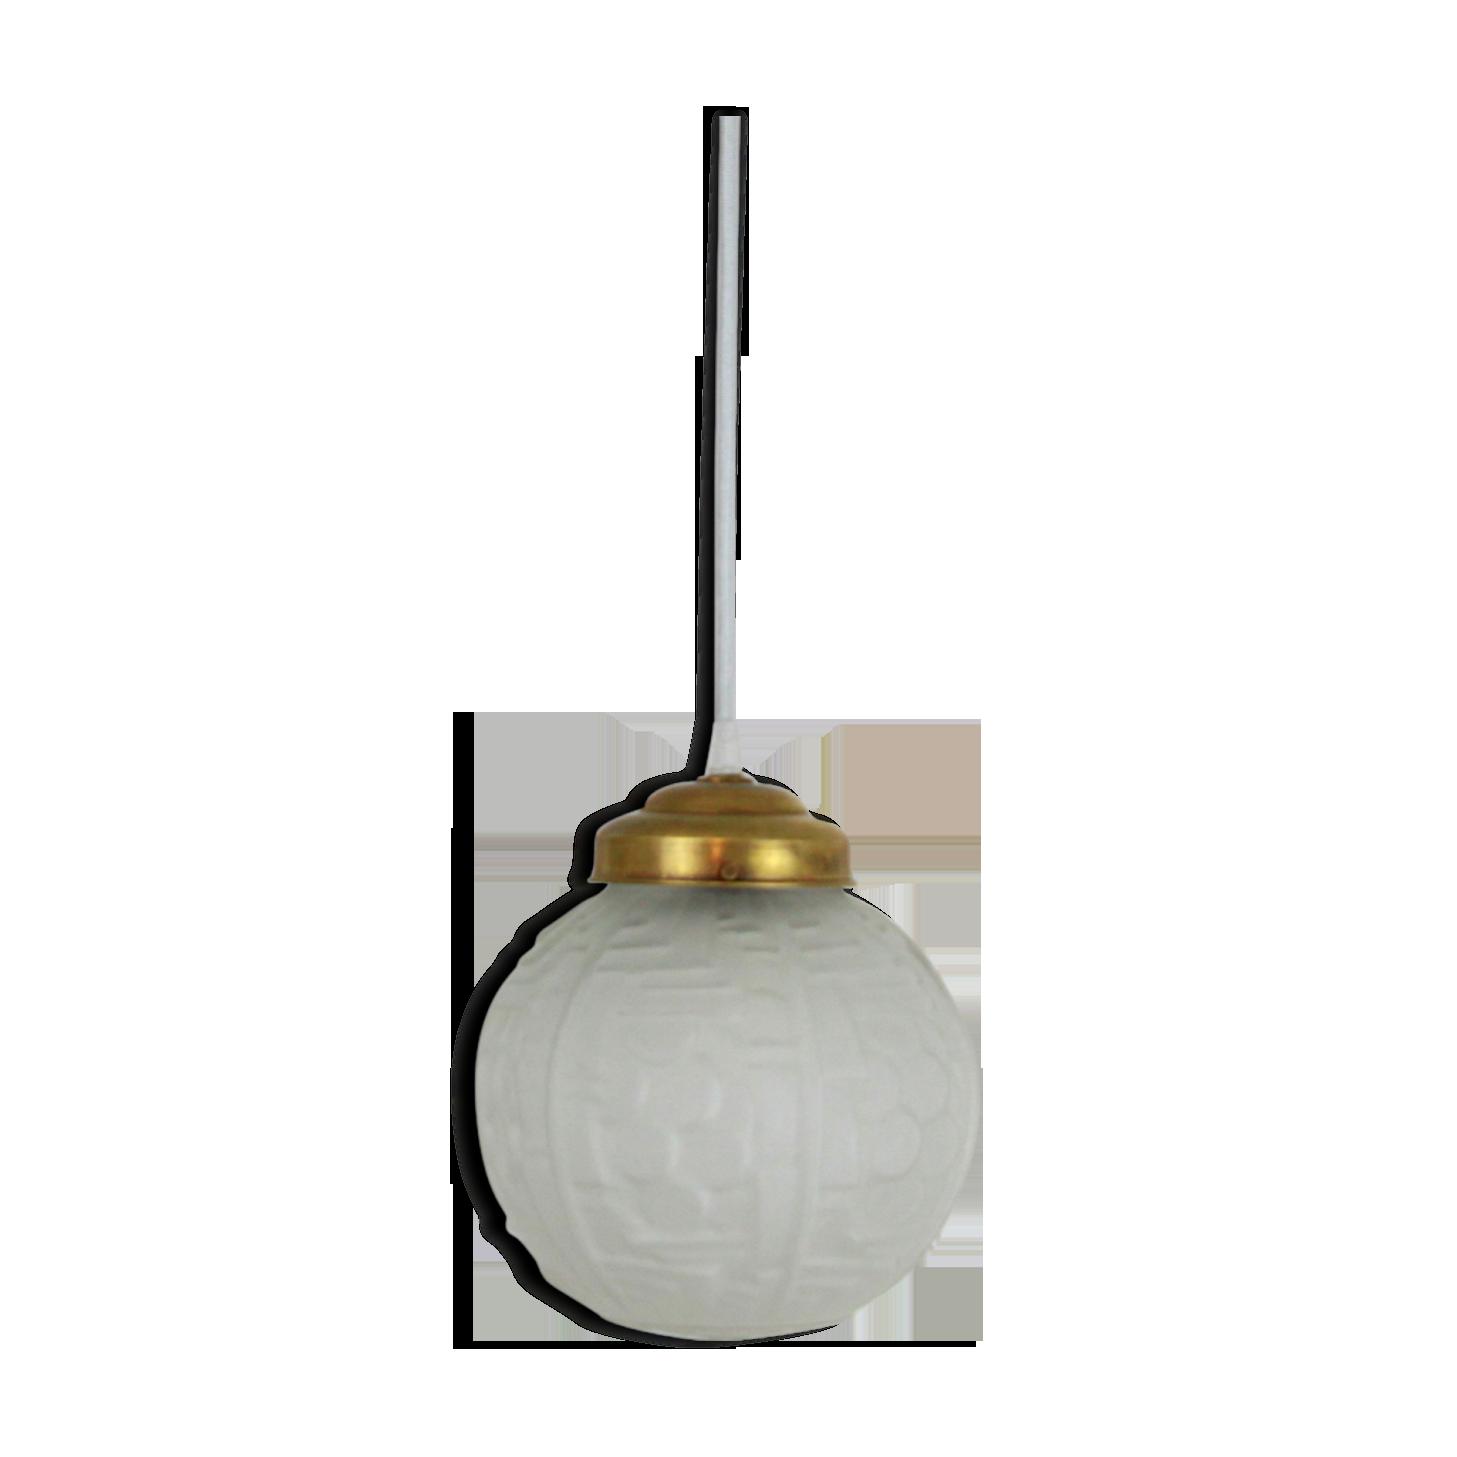 Meubles Et Decoration Du Xxe Siecle Prix Pas Cher Lampe